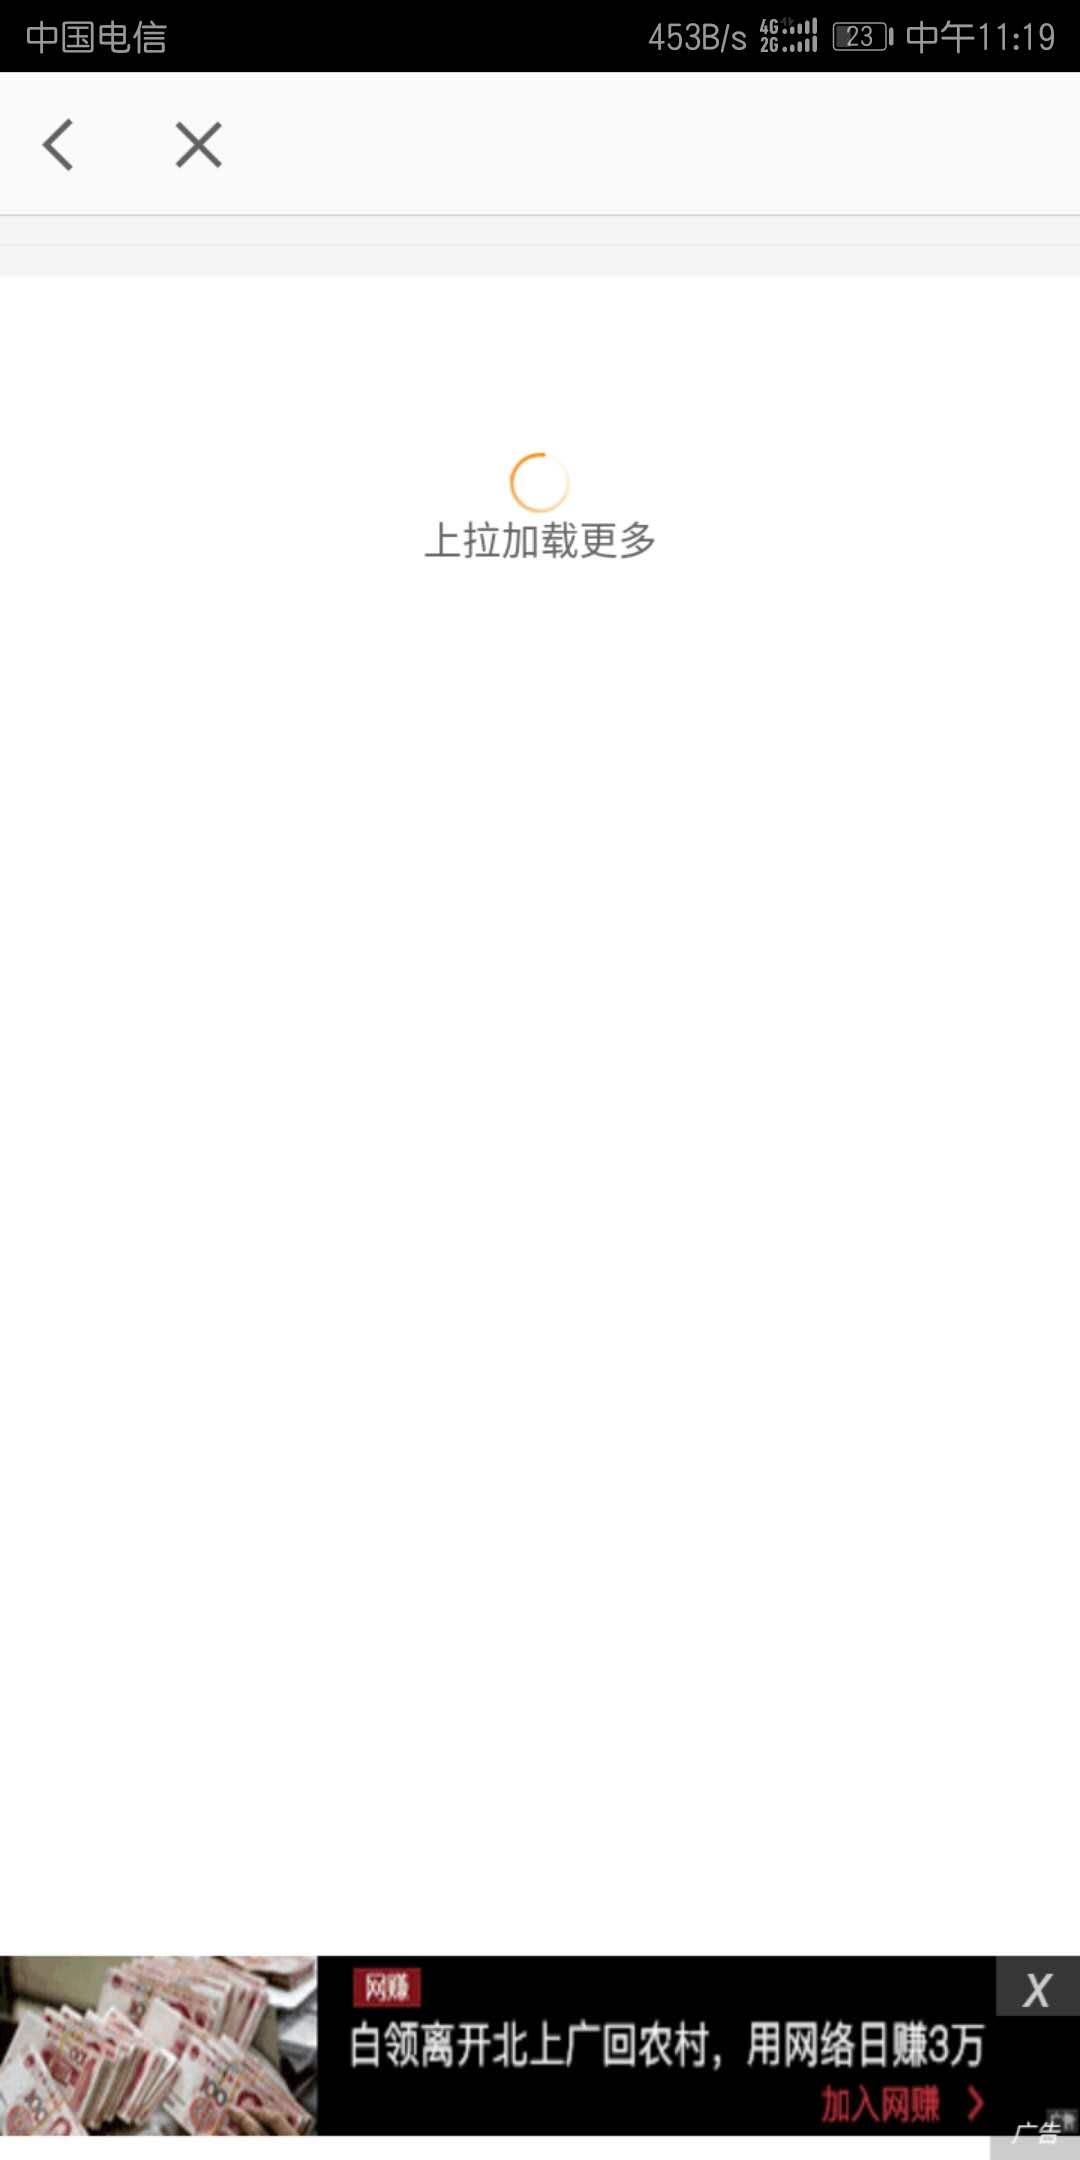 求助!!,荣耀V10 疑似广告劫持,APP下方弹广告。